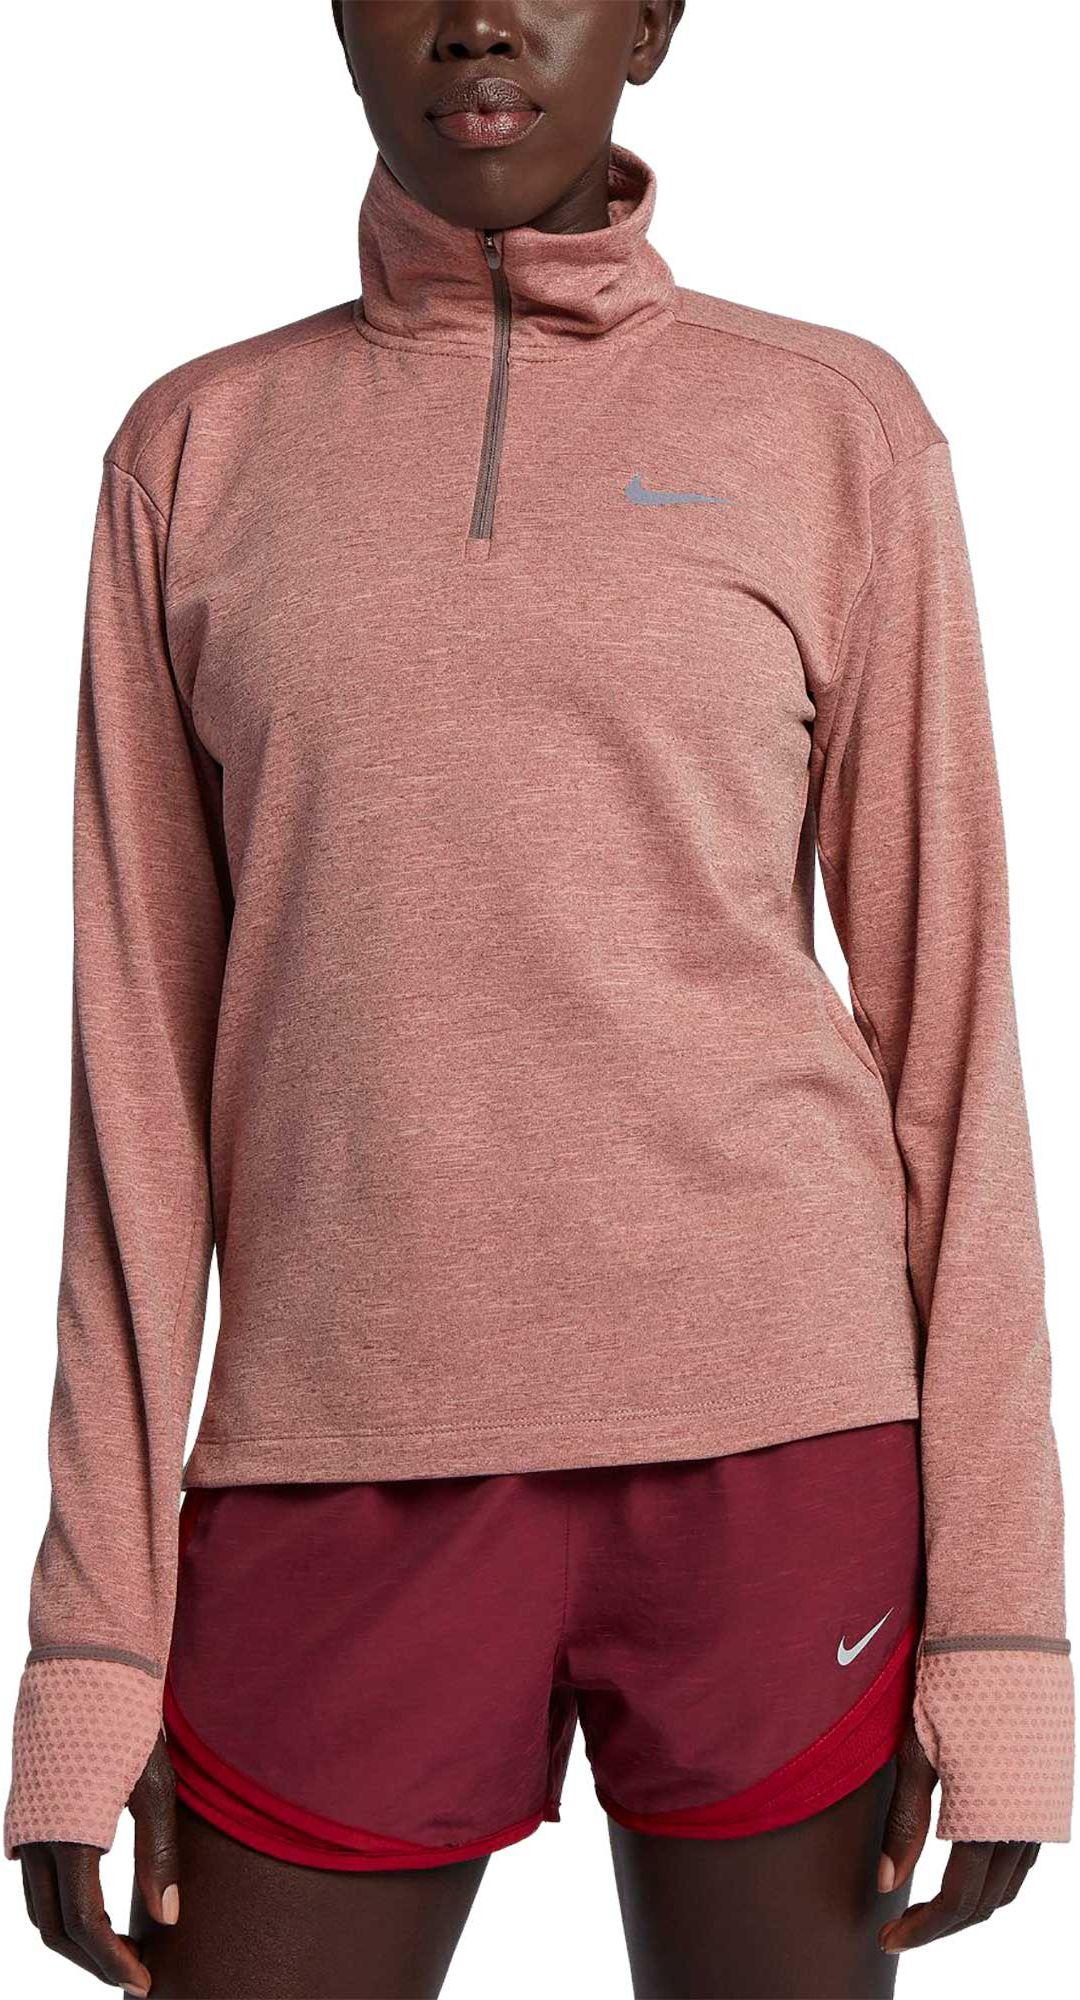 6ceec2d0 Nike Women's Therma Sphere Element Half-Zip Running Pullover ...